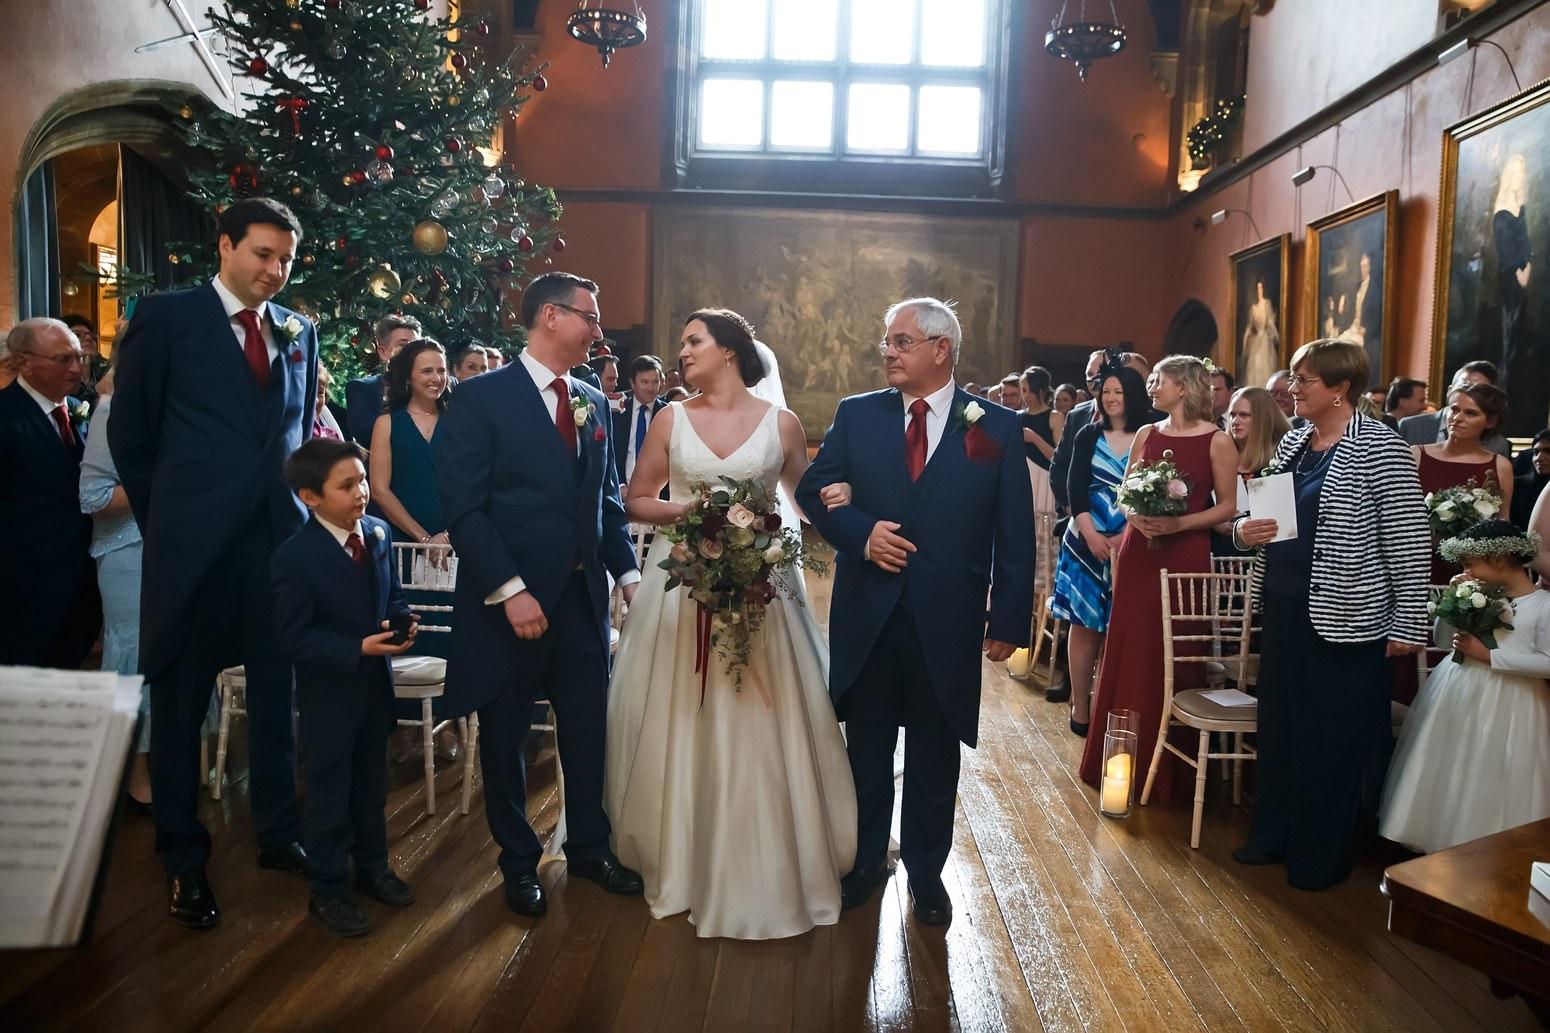 COWDRAY HOUSE CHRISTMAS WEDDING SARAH & CHRIS